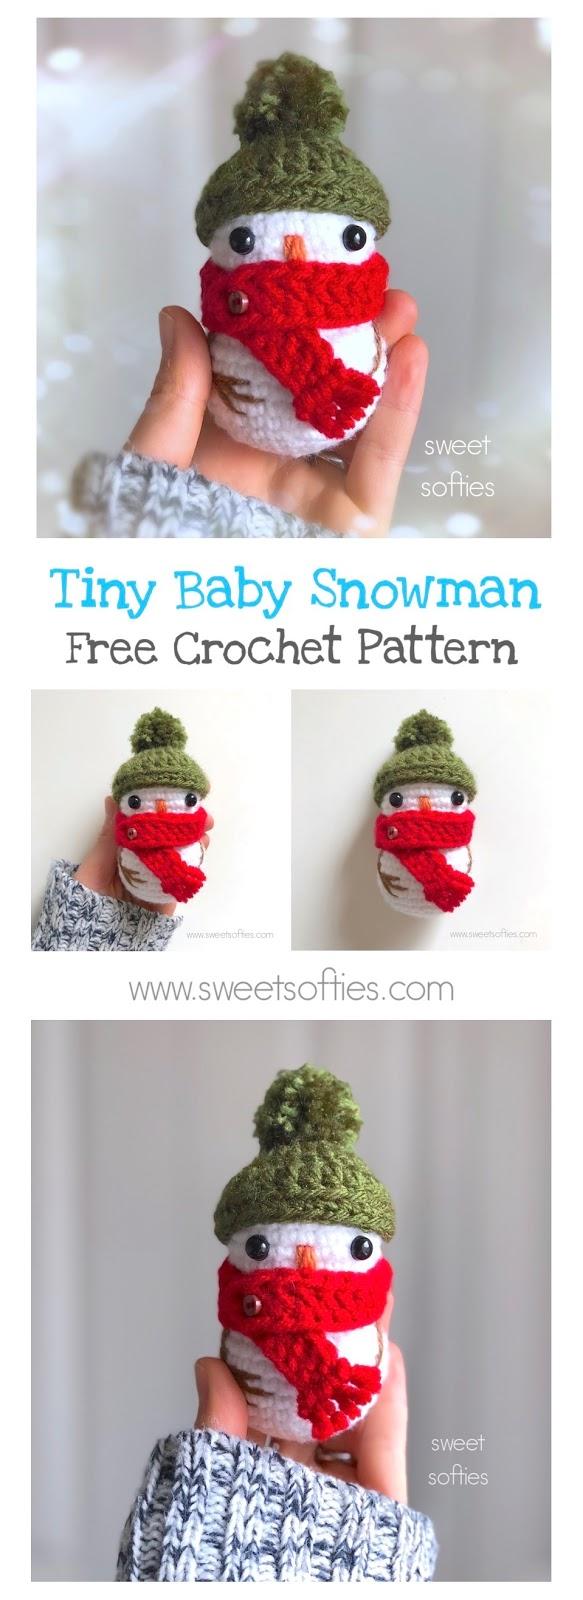 9 Tiny Baby Snowman